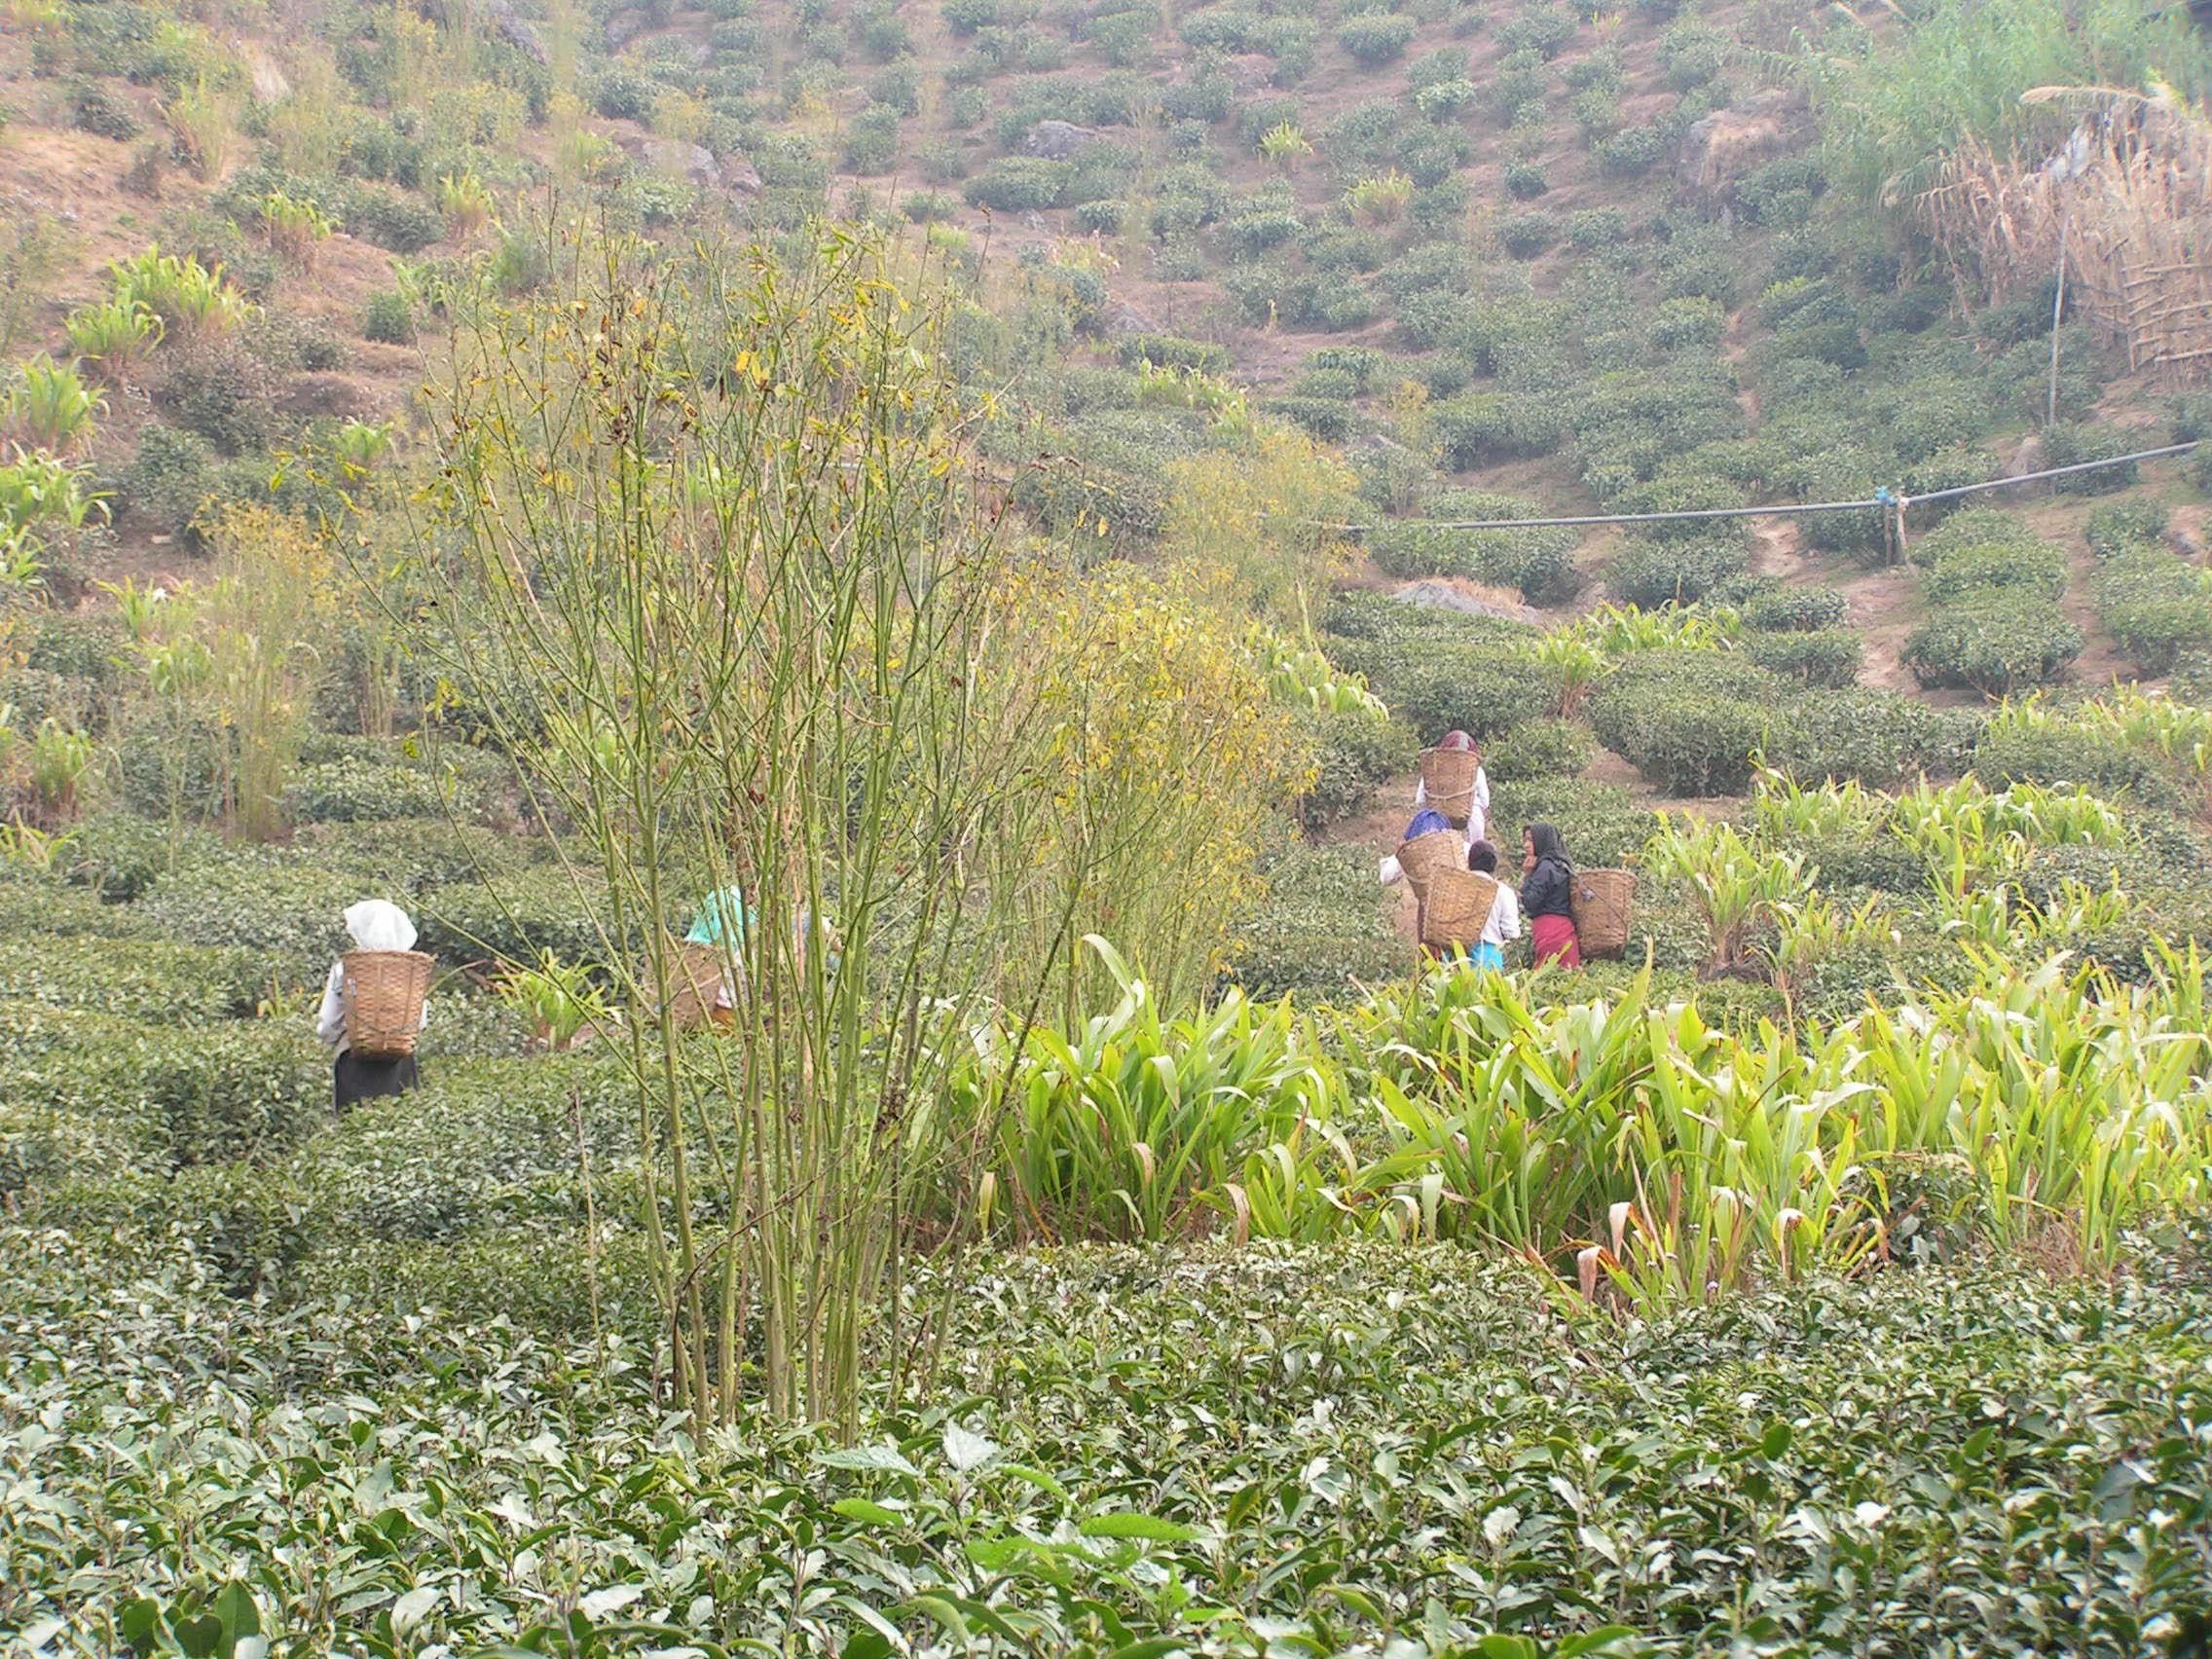 Small farmer tea garden in Darjeeling